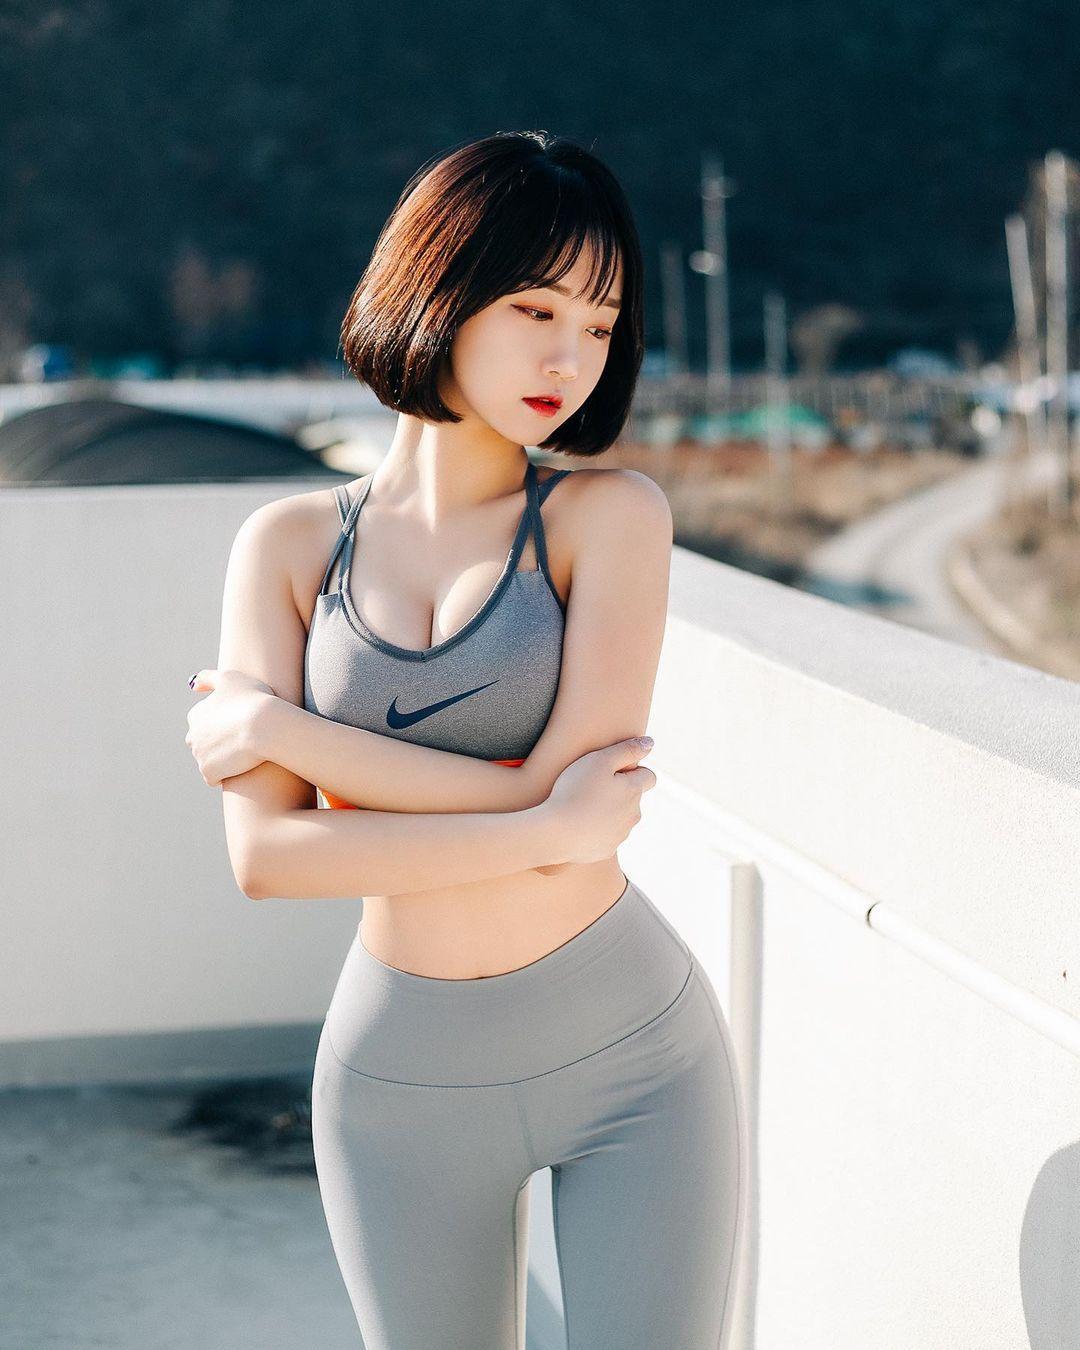 韩国极品模特推荐「Rumi」健身小只马连锁模特儿插图1